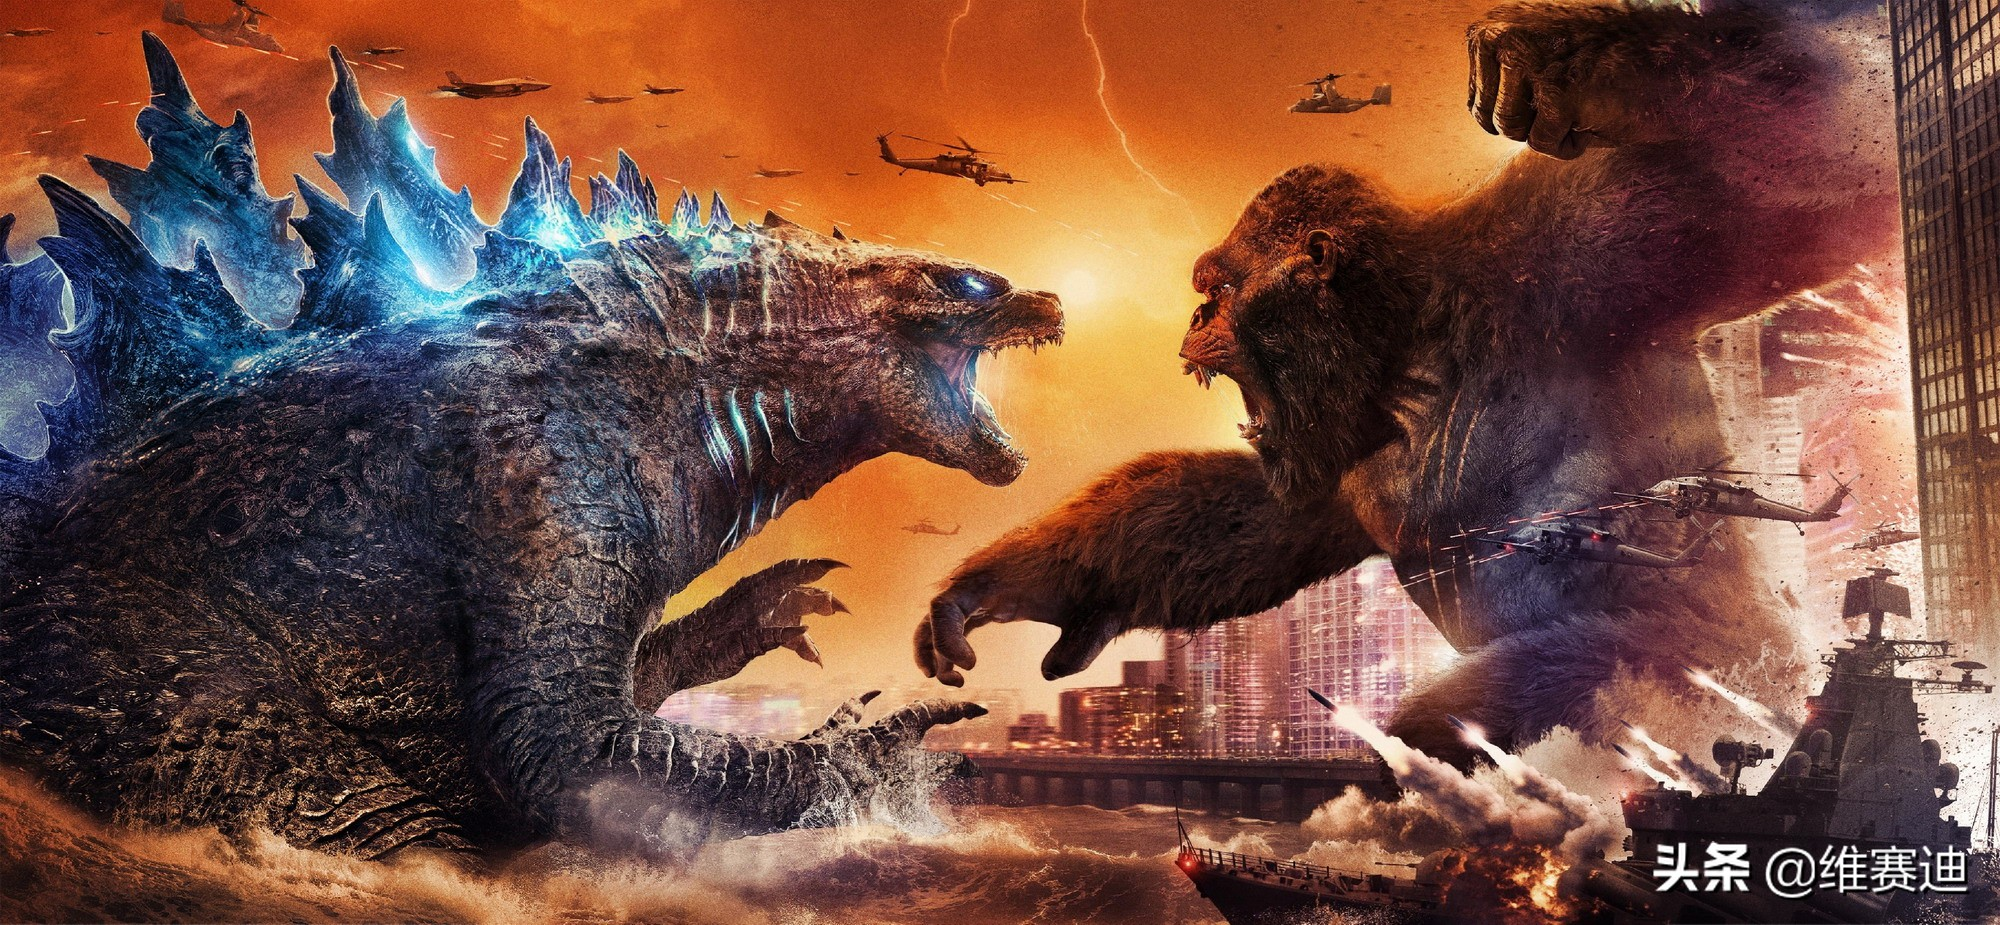 《哥斯拉大战金刚》:打得够过瘾,相爱相杀的两只大怪兽